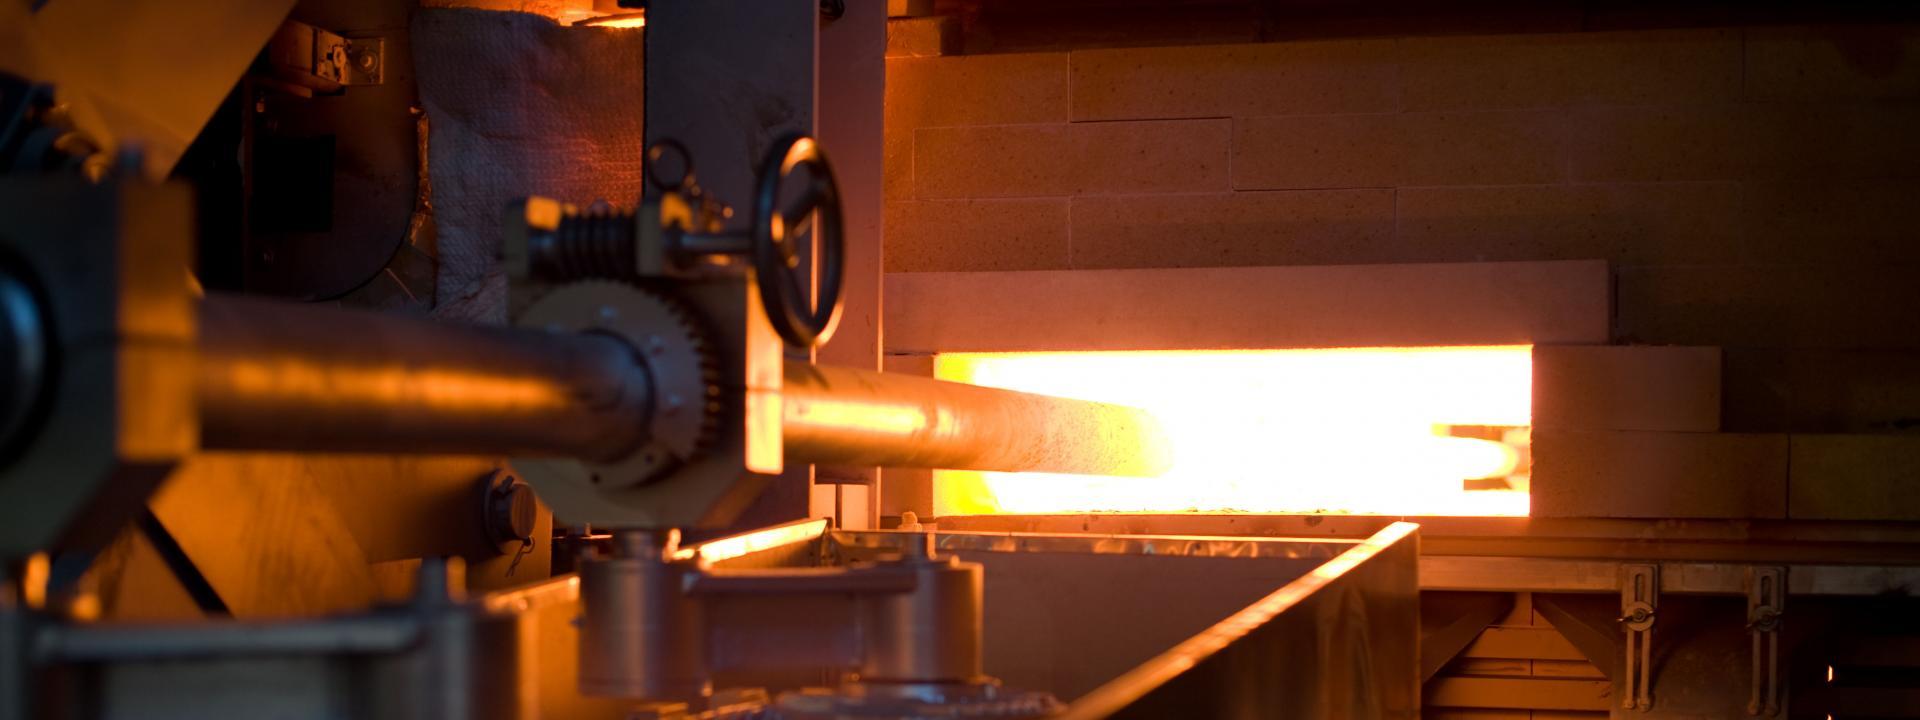 Retenice float process AGC glass - Термическая обработка